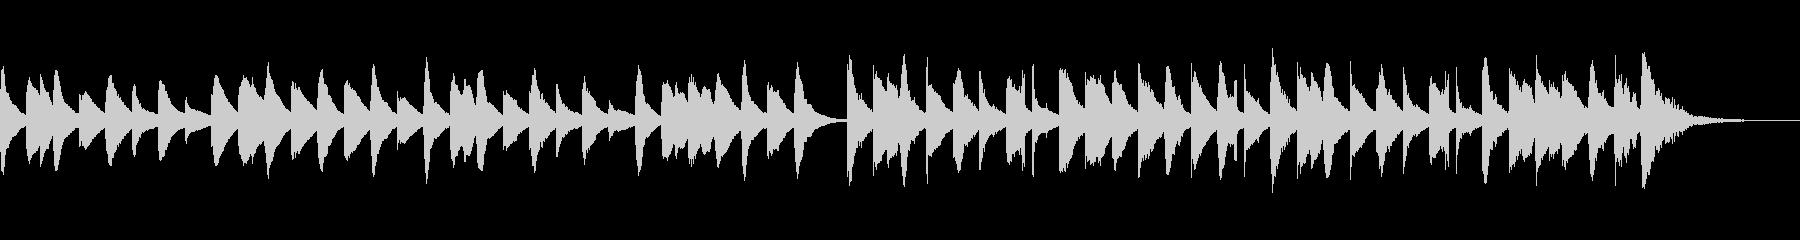 ゆったりかわいい楽しいキラキラマリンバcの未再生の波形